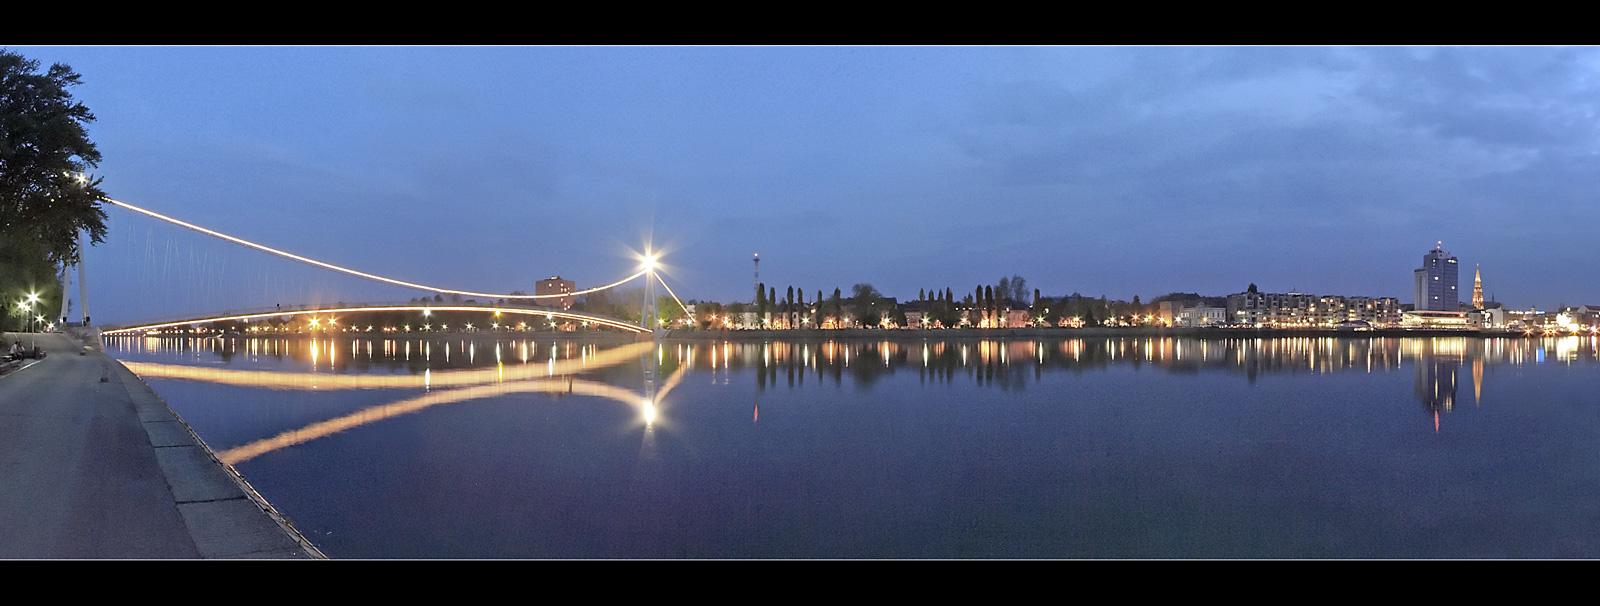 Osijek  Osijek  Foto: Toni   Ključne riječi: osijek most hotel crkva plavi sat